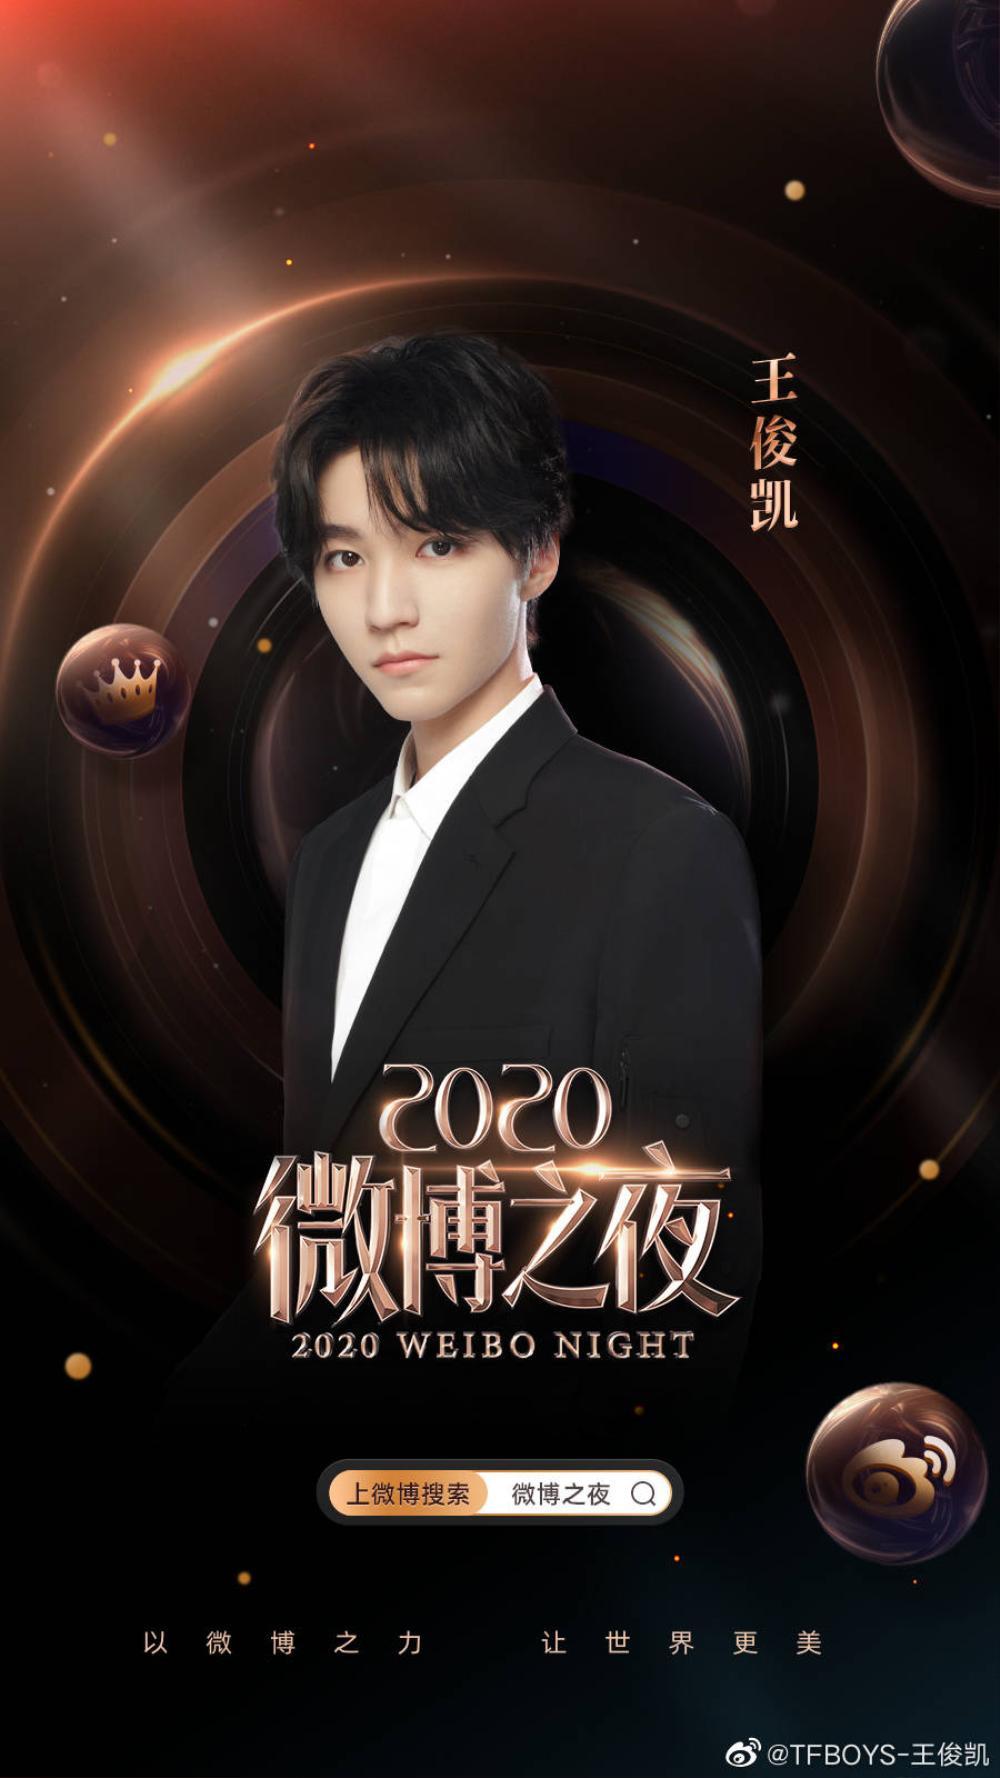 Tiêu Chiến - Địch Lệ Nhiệt Ba và Vương Tuấn Khải xác nhận tham dự 'Đêm hội Weibo 2020' Ảnh 6